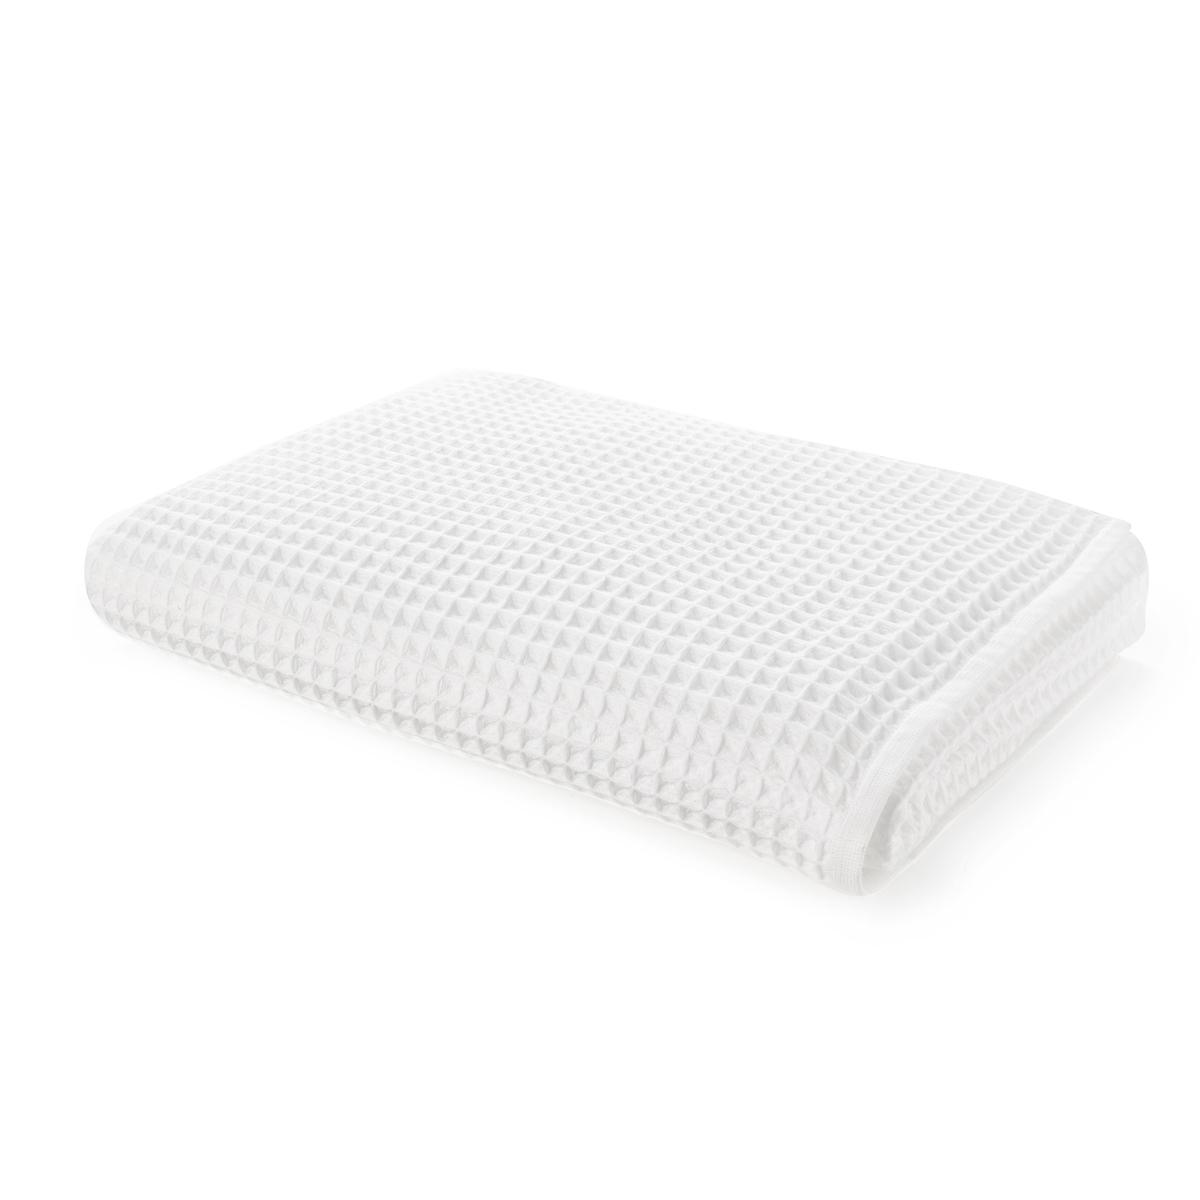 Полотенце для рук из вафельной ткани SC?NARIOОписание:Плотное переплетение нитей для 3D-эффекта, необычайно мягкое и приятное на ощупь полотенце из вафельной ткани очень актуальных расцветок. Сделано в Португалии.Характеристики полотенца из вафельной ткани Sc?nario :Вафельная ткань : 100% хлопок, 300 г/м2 : мягкая и легкая, высокая впитывающая способность, быстрая сушка.Машинная стирка при 60°, машинная сушка разрешена.Размеры полотенца из вафельной ткани Sc?nario : 50 x 100 смОткройте для себя всю коллекцию из вафельной ткани Sc?nario на сайте laredoute.ruЗнак Oeko-Tex® гарантирует, что товары прошли проверку и были изготовлены без применения вредных для здоровья человека веществ.<br><br>Цвет: белый,желтый кукурузный,индиго,кирпичный